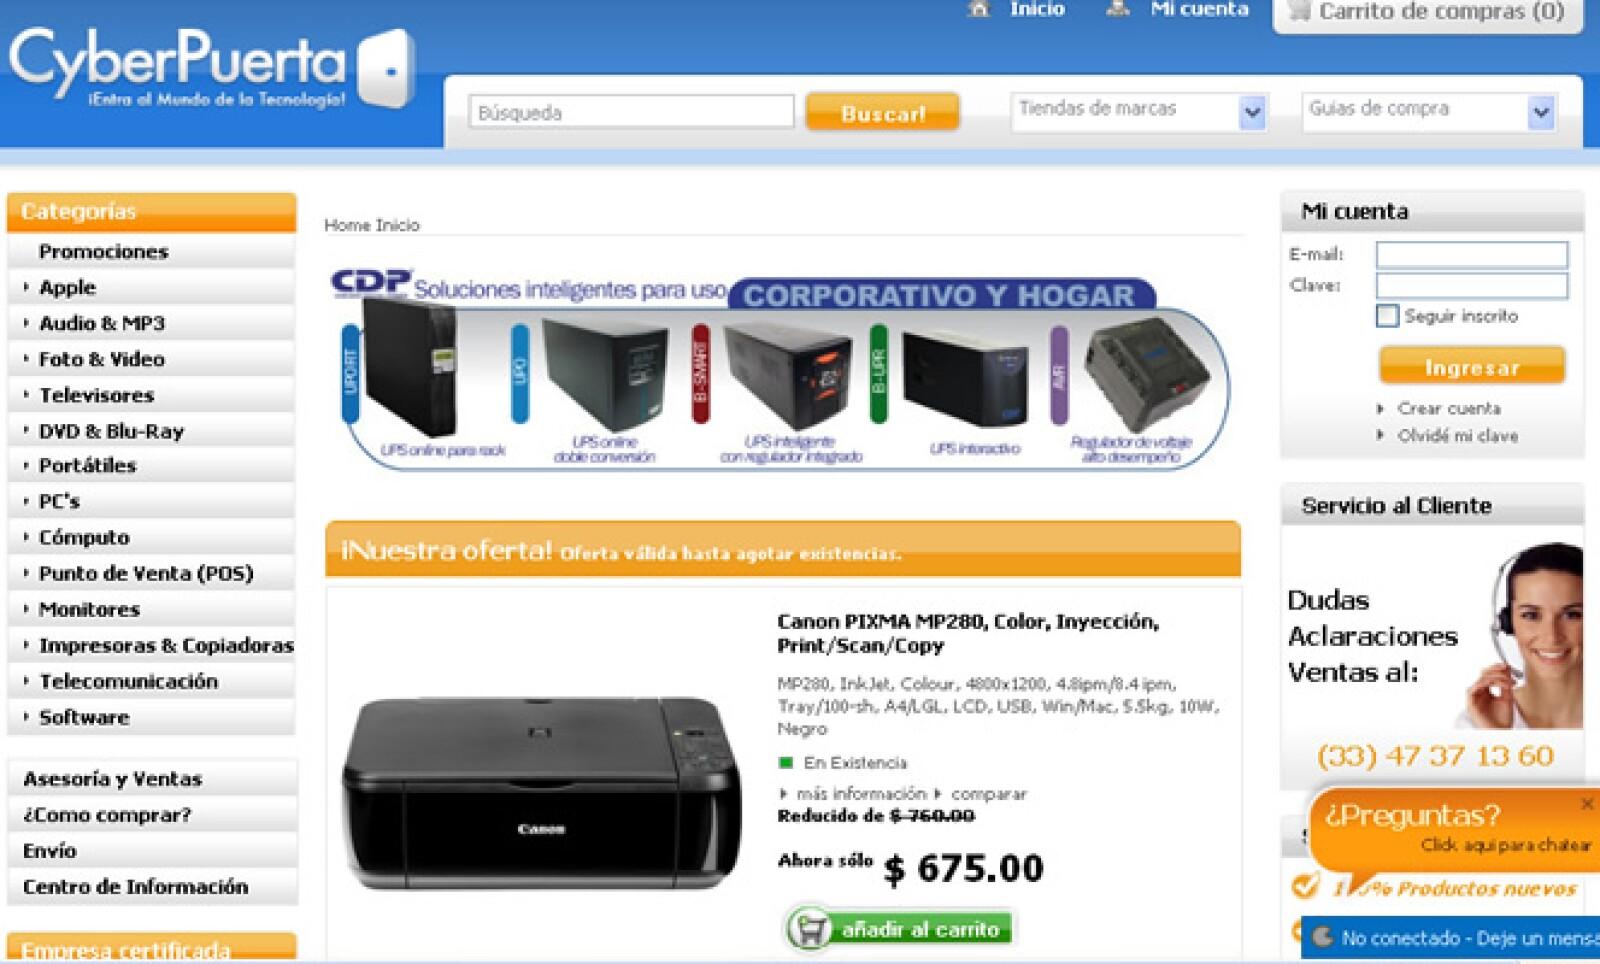 La página de Cyberpuerta cuenta con más de 11,000 productos electrónicos de consumo, que vende en todo México.